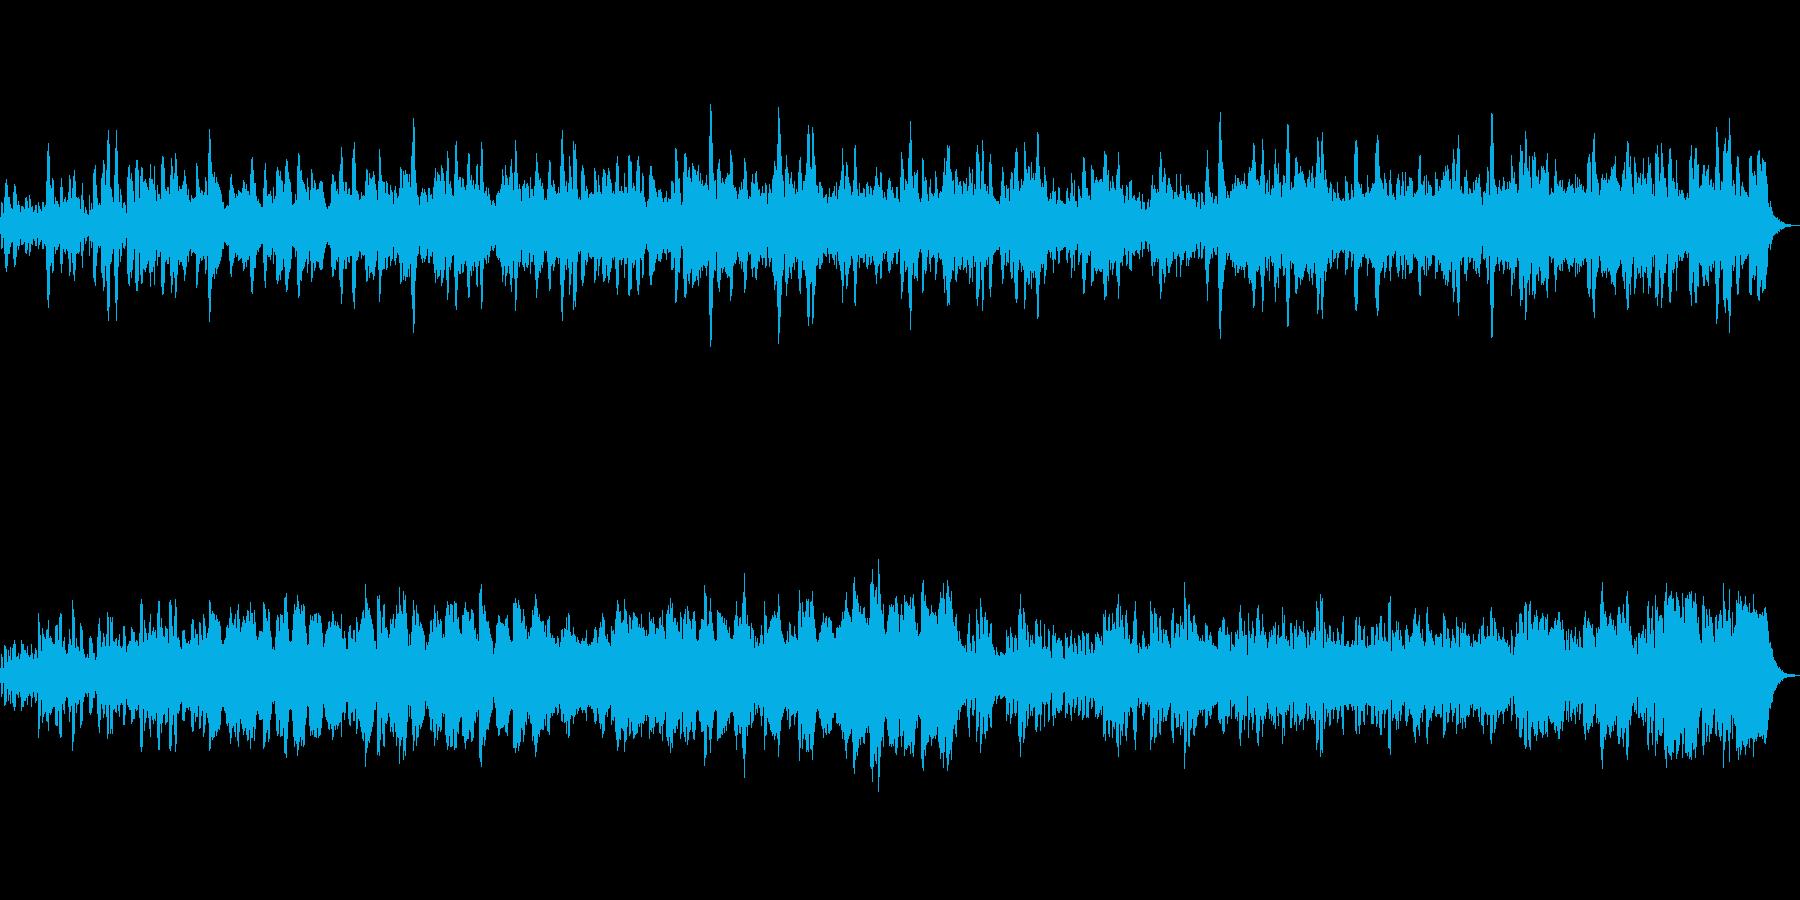 水中・海中をイメージしたBGMの再生済みの波形